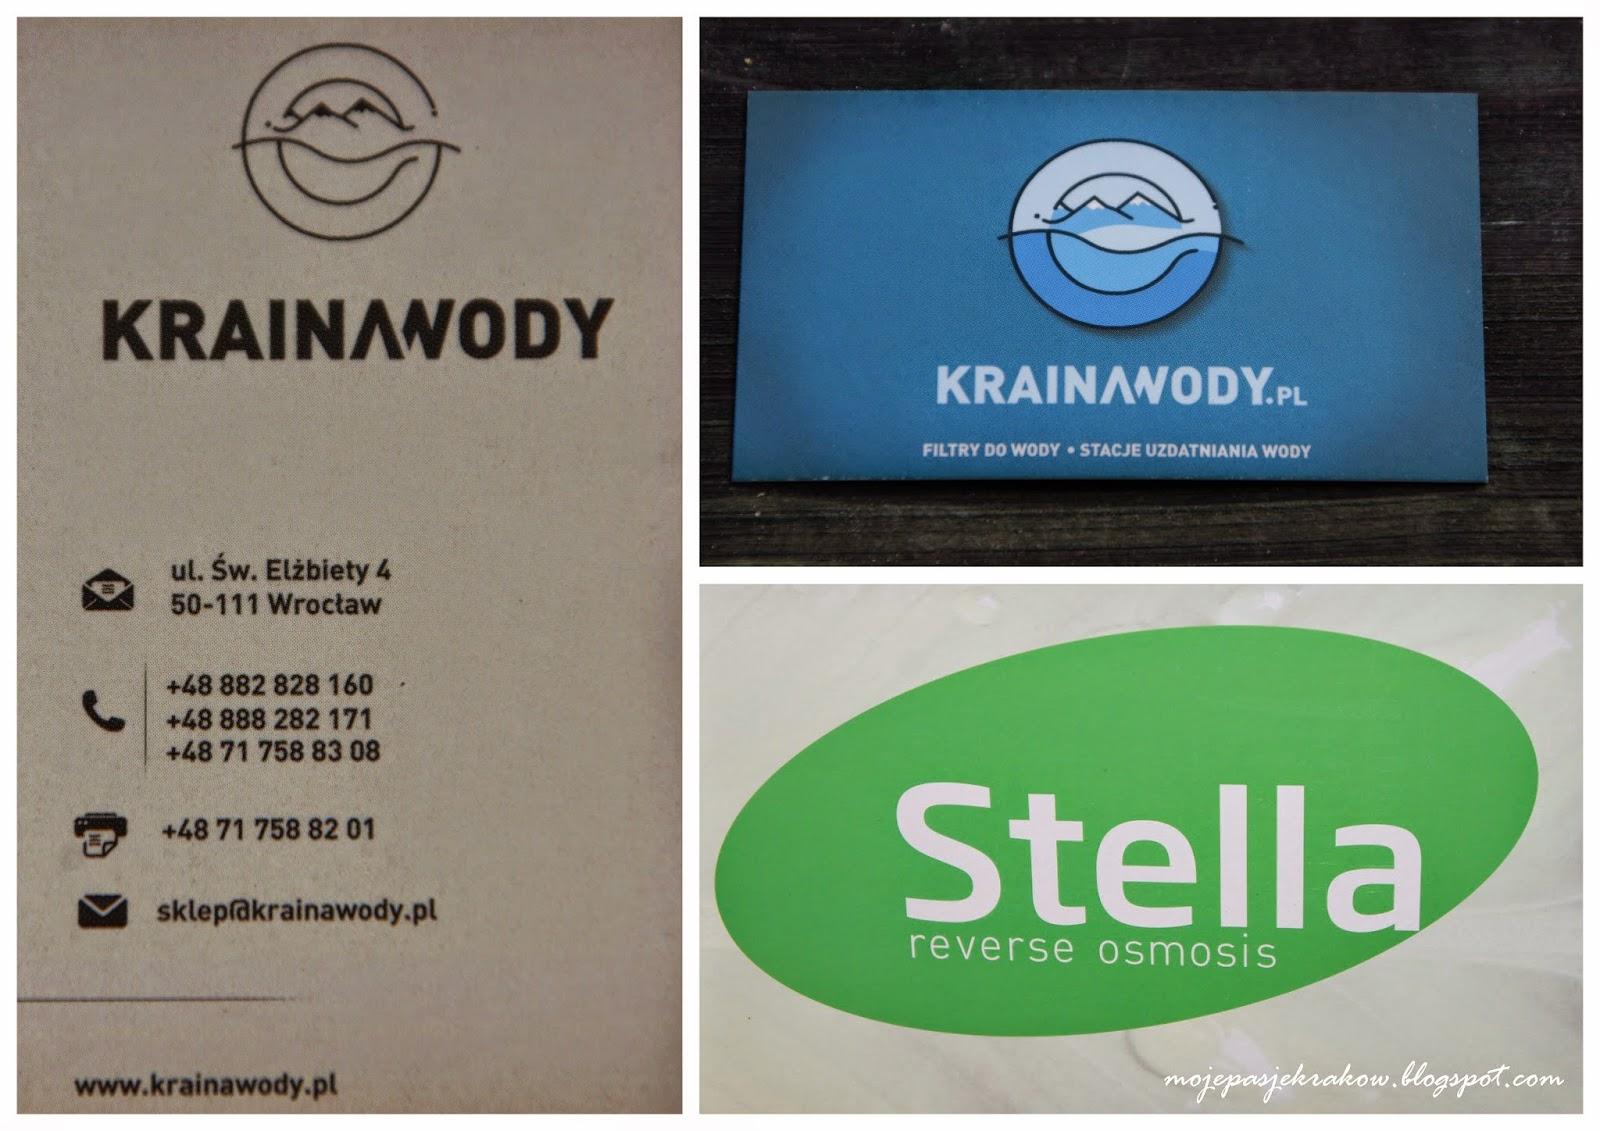 http://www.krainawody.pl/